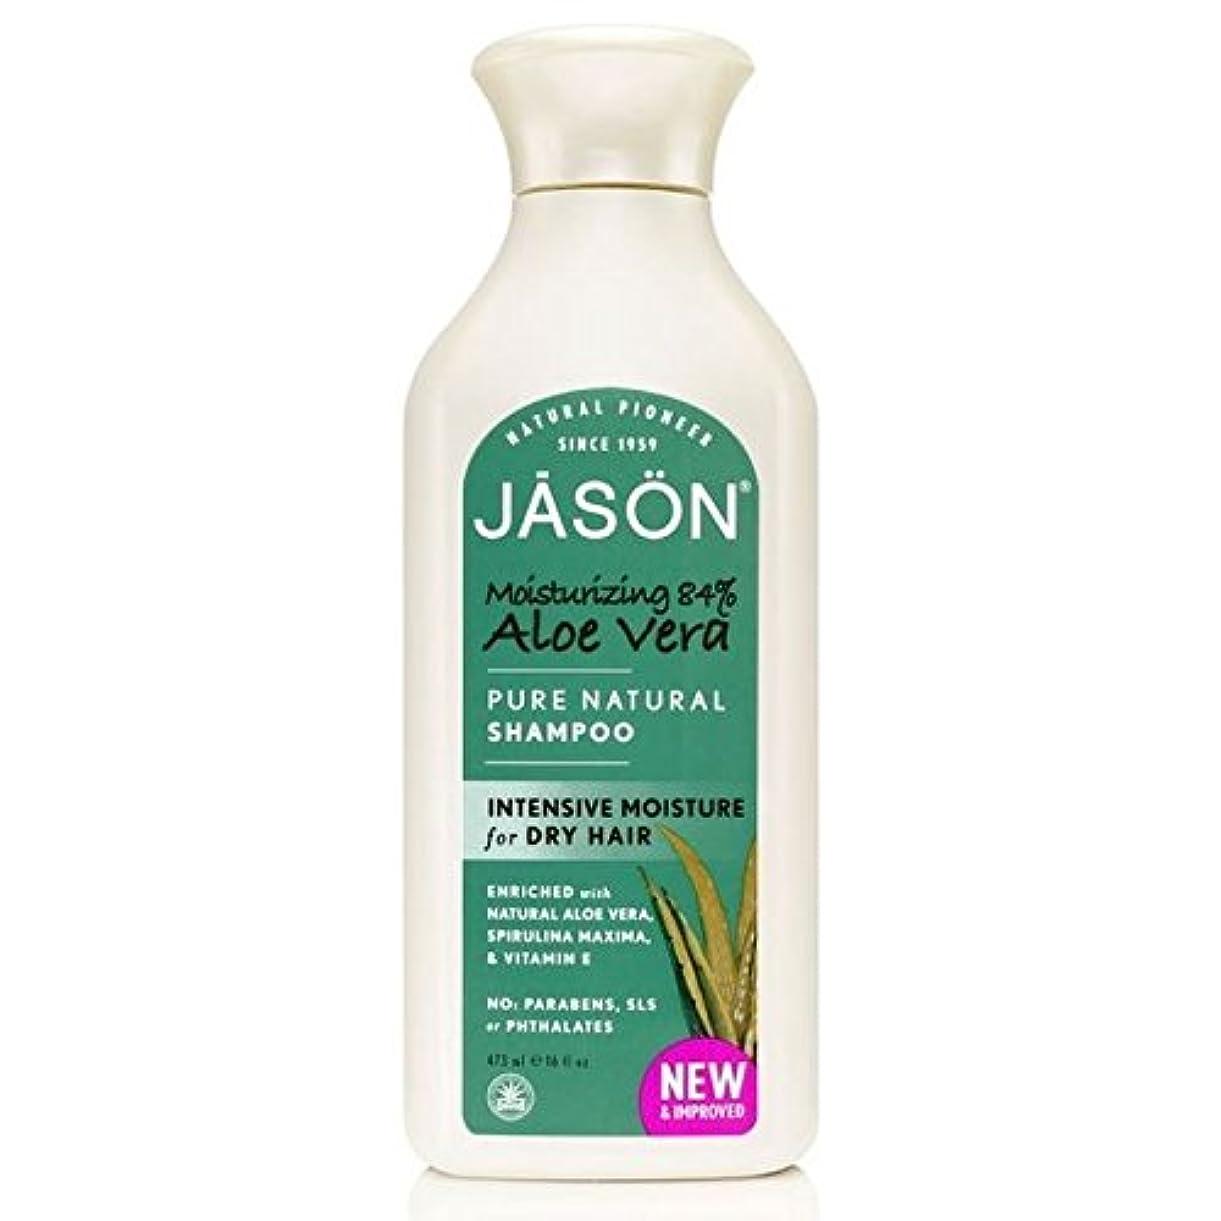 学習者無人パノラマJason Aloe Vera 84% Pure Natural Shampoo 475ml - ジェイソンのアロエベラ84%の純粋な天然シャンプー475ミリリットル [並行輸入品]